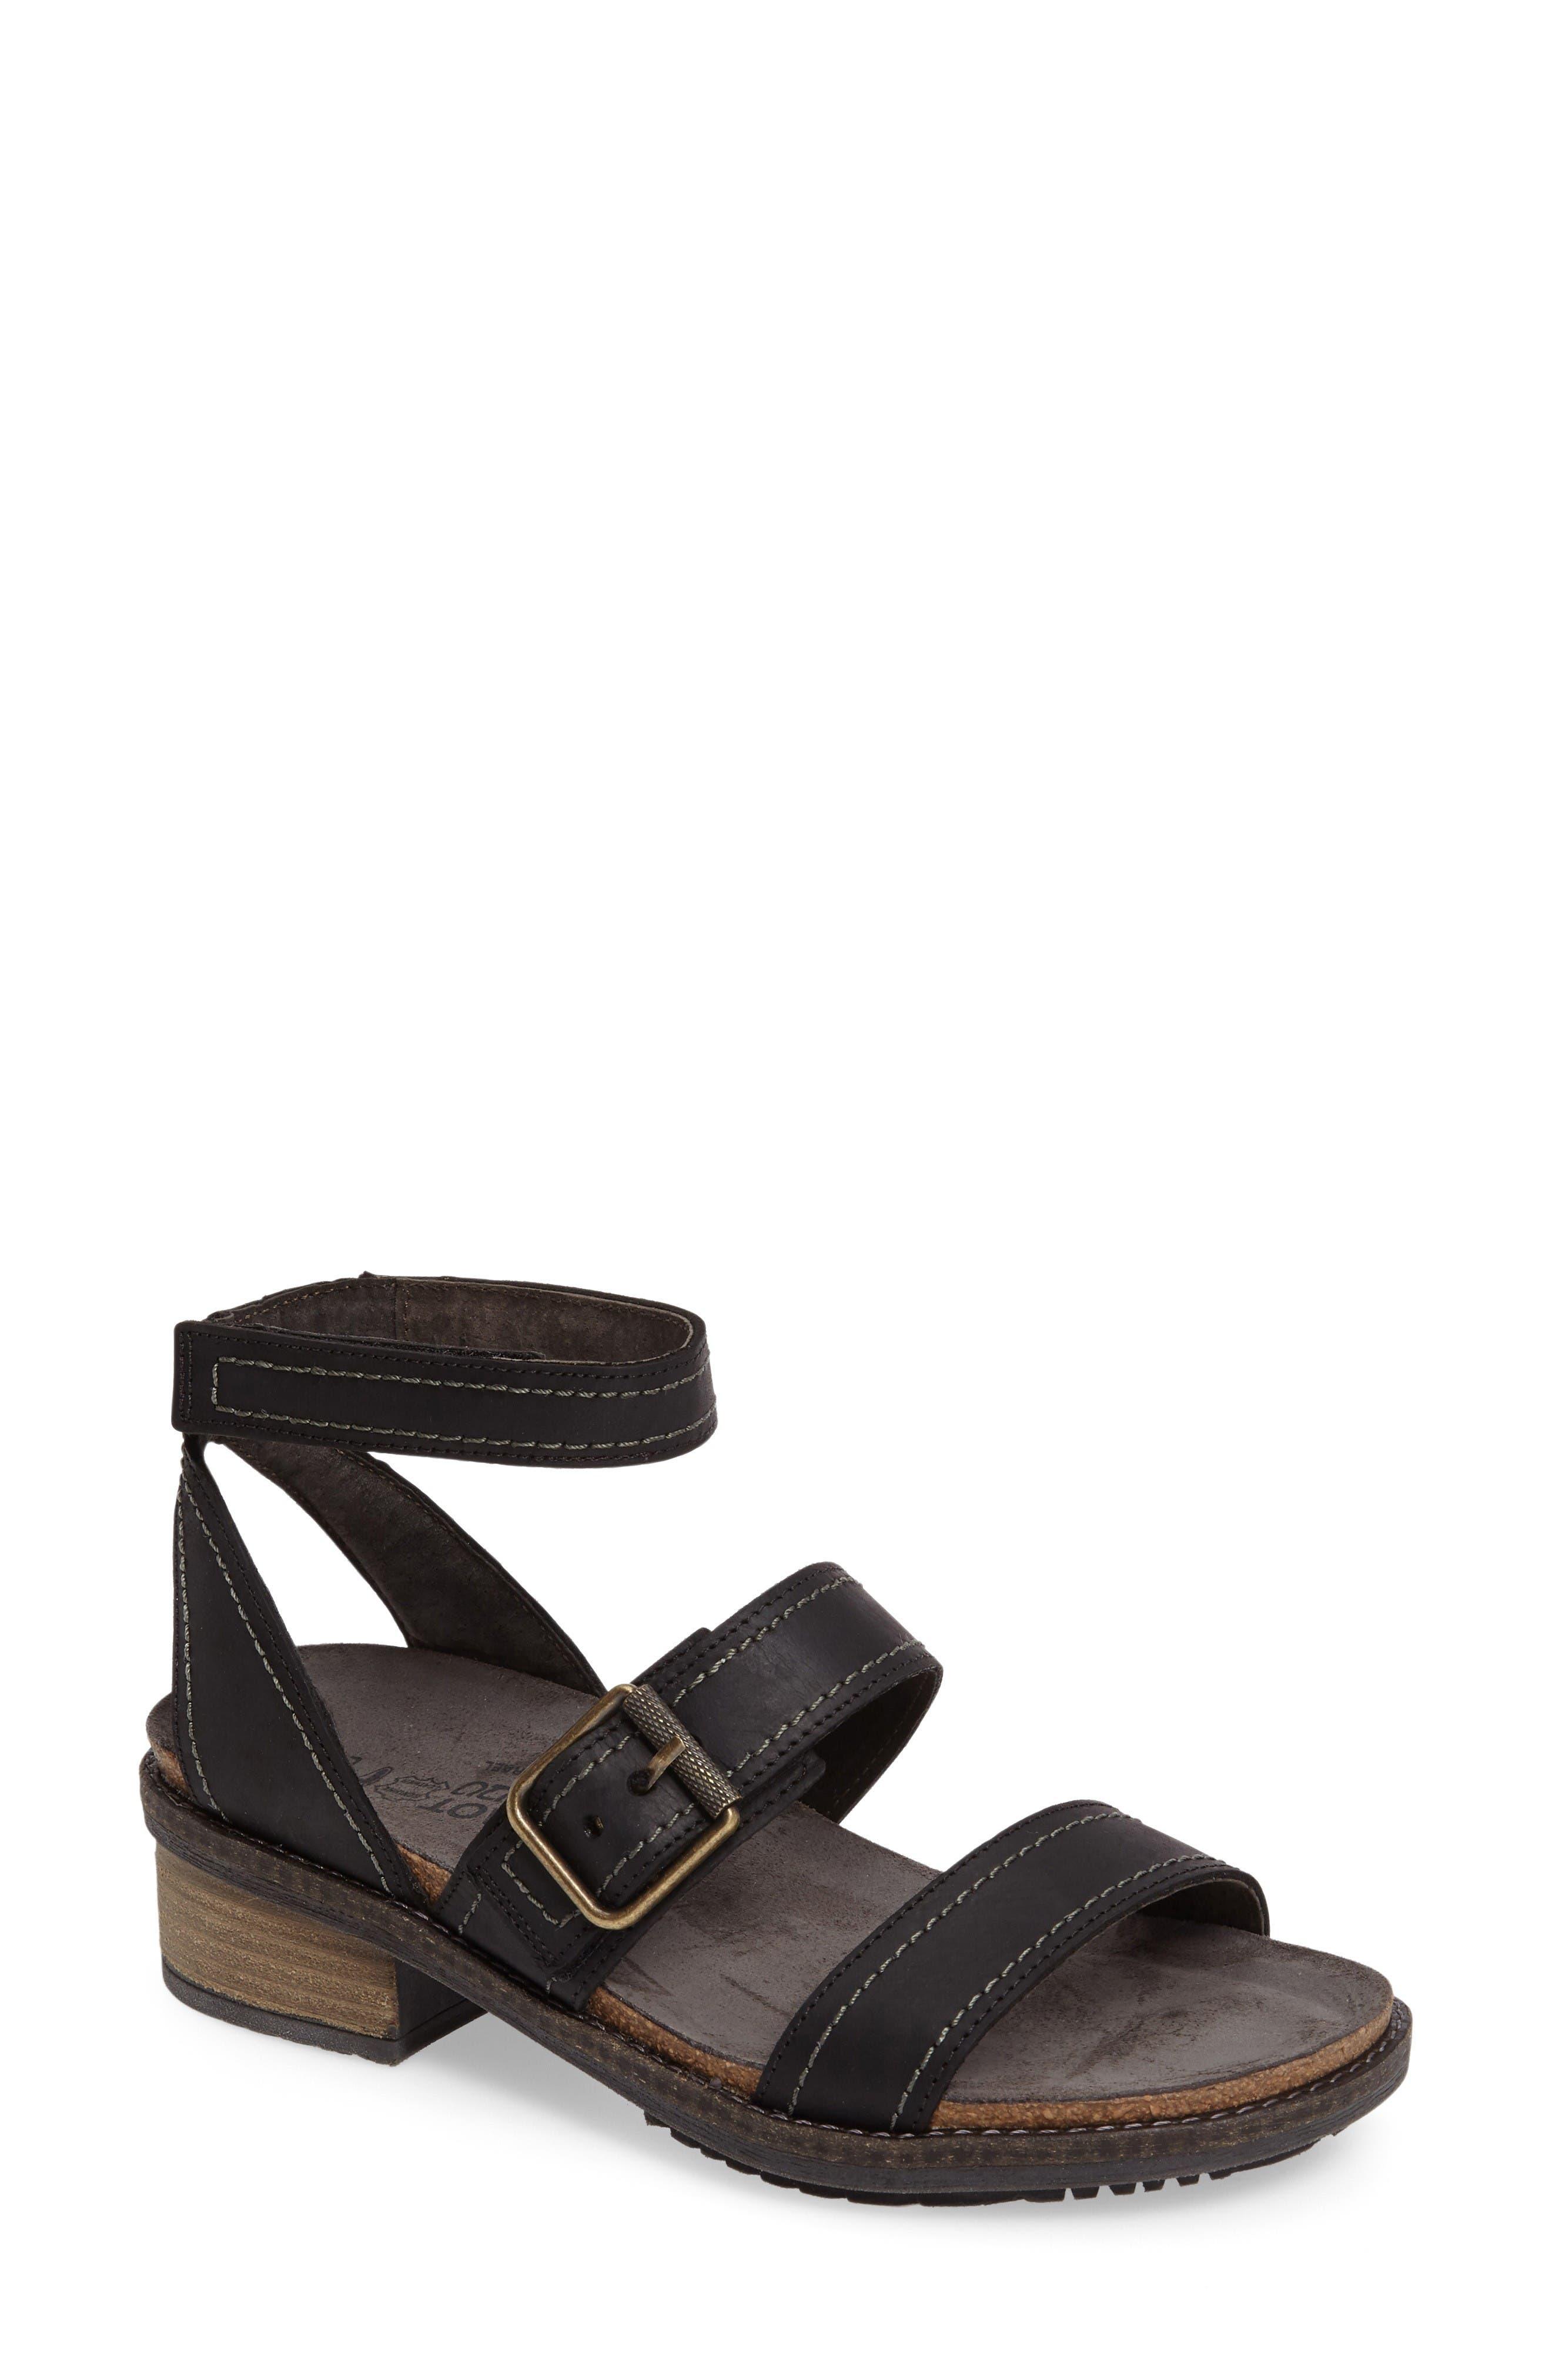 Beatnik Sandal,                         Main,                         color, Coal Nubuck Leather